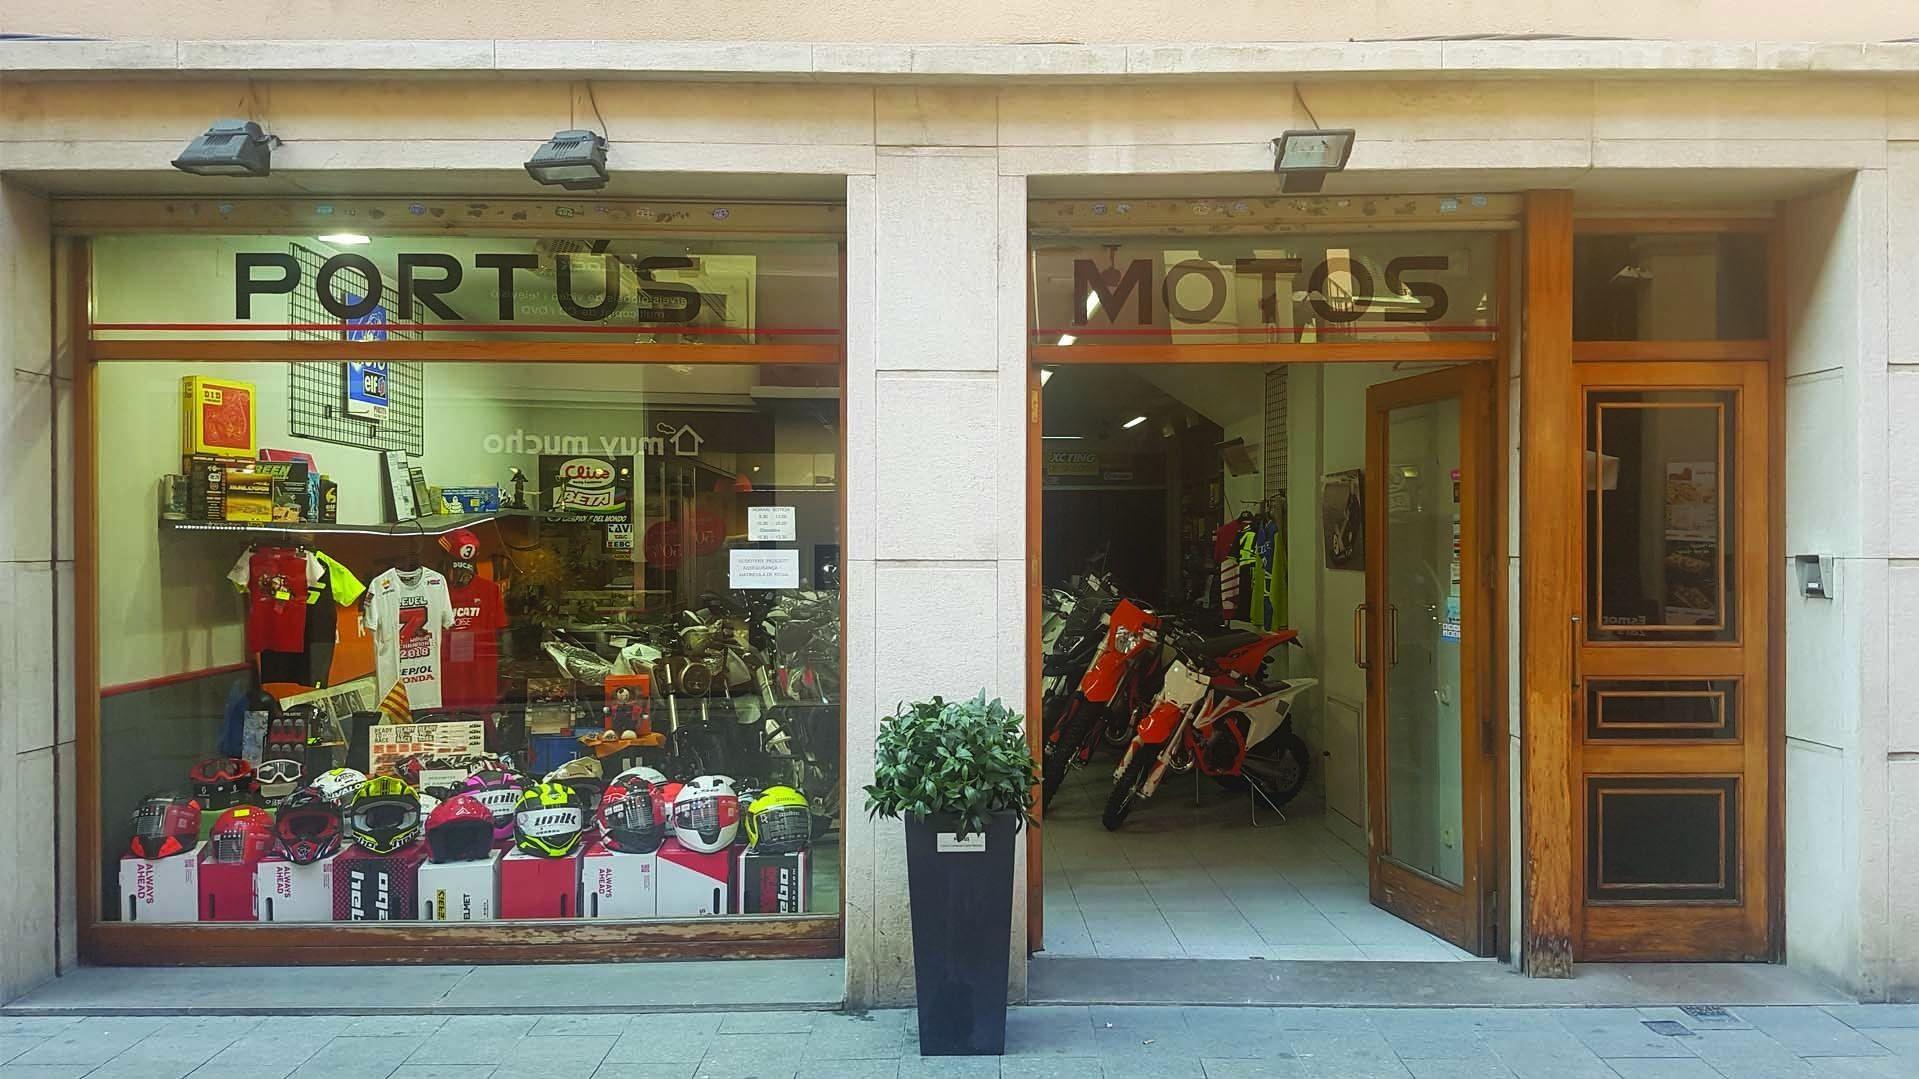 Venta de motos y accesorios en Barcelona